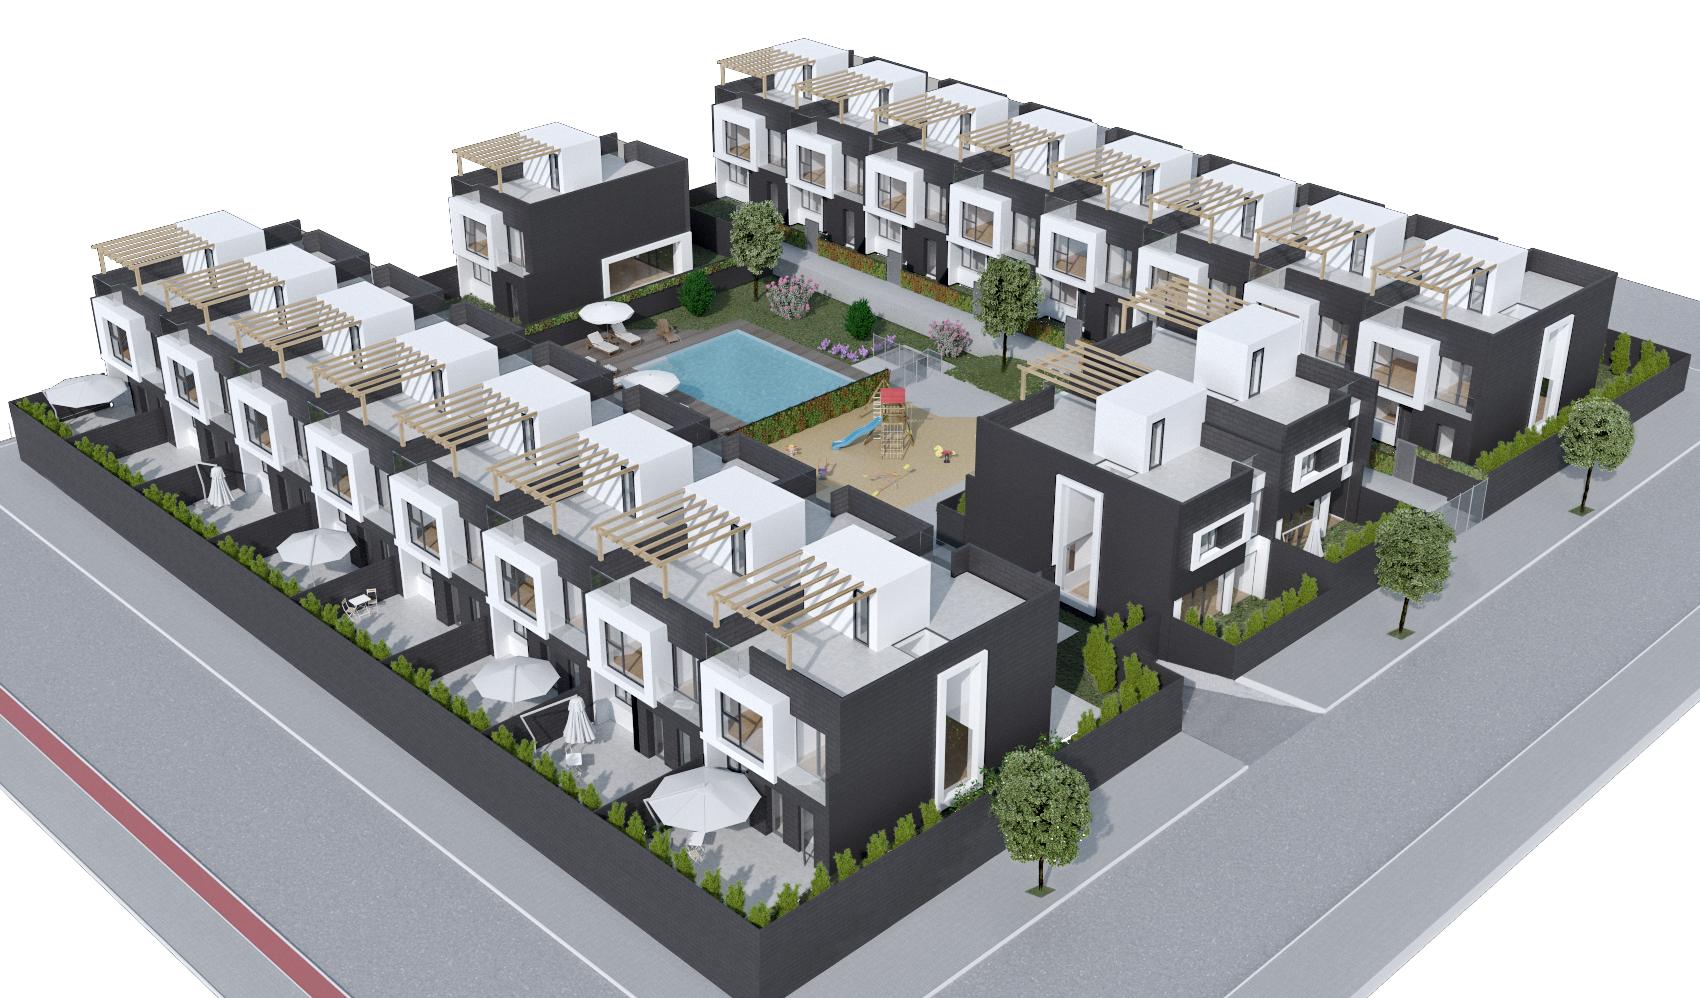 5 claves en el dise o de viviendas unifamiliares arquitectura y dise o grupo riofr o - Grupo riofrio ...